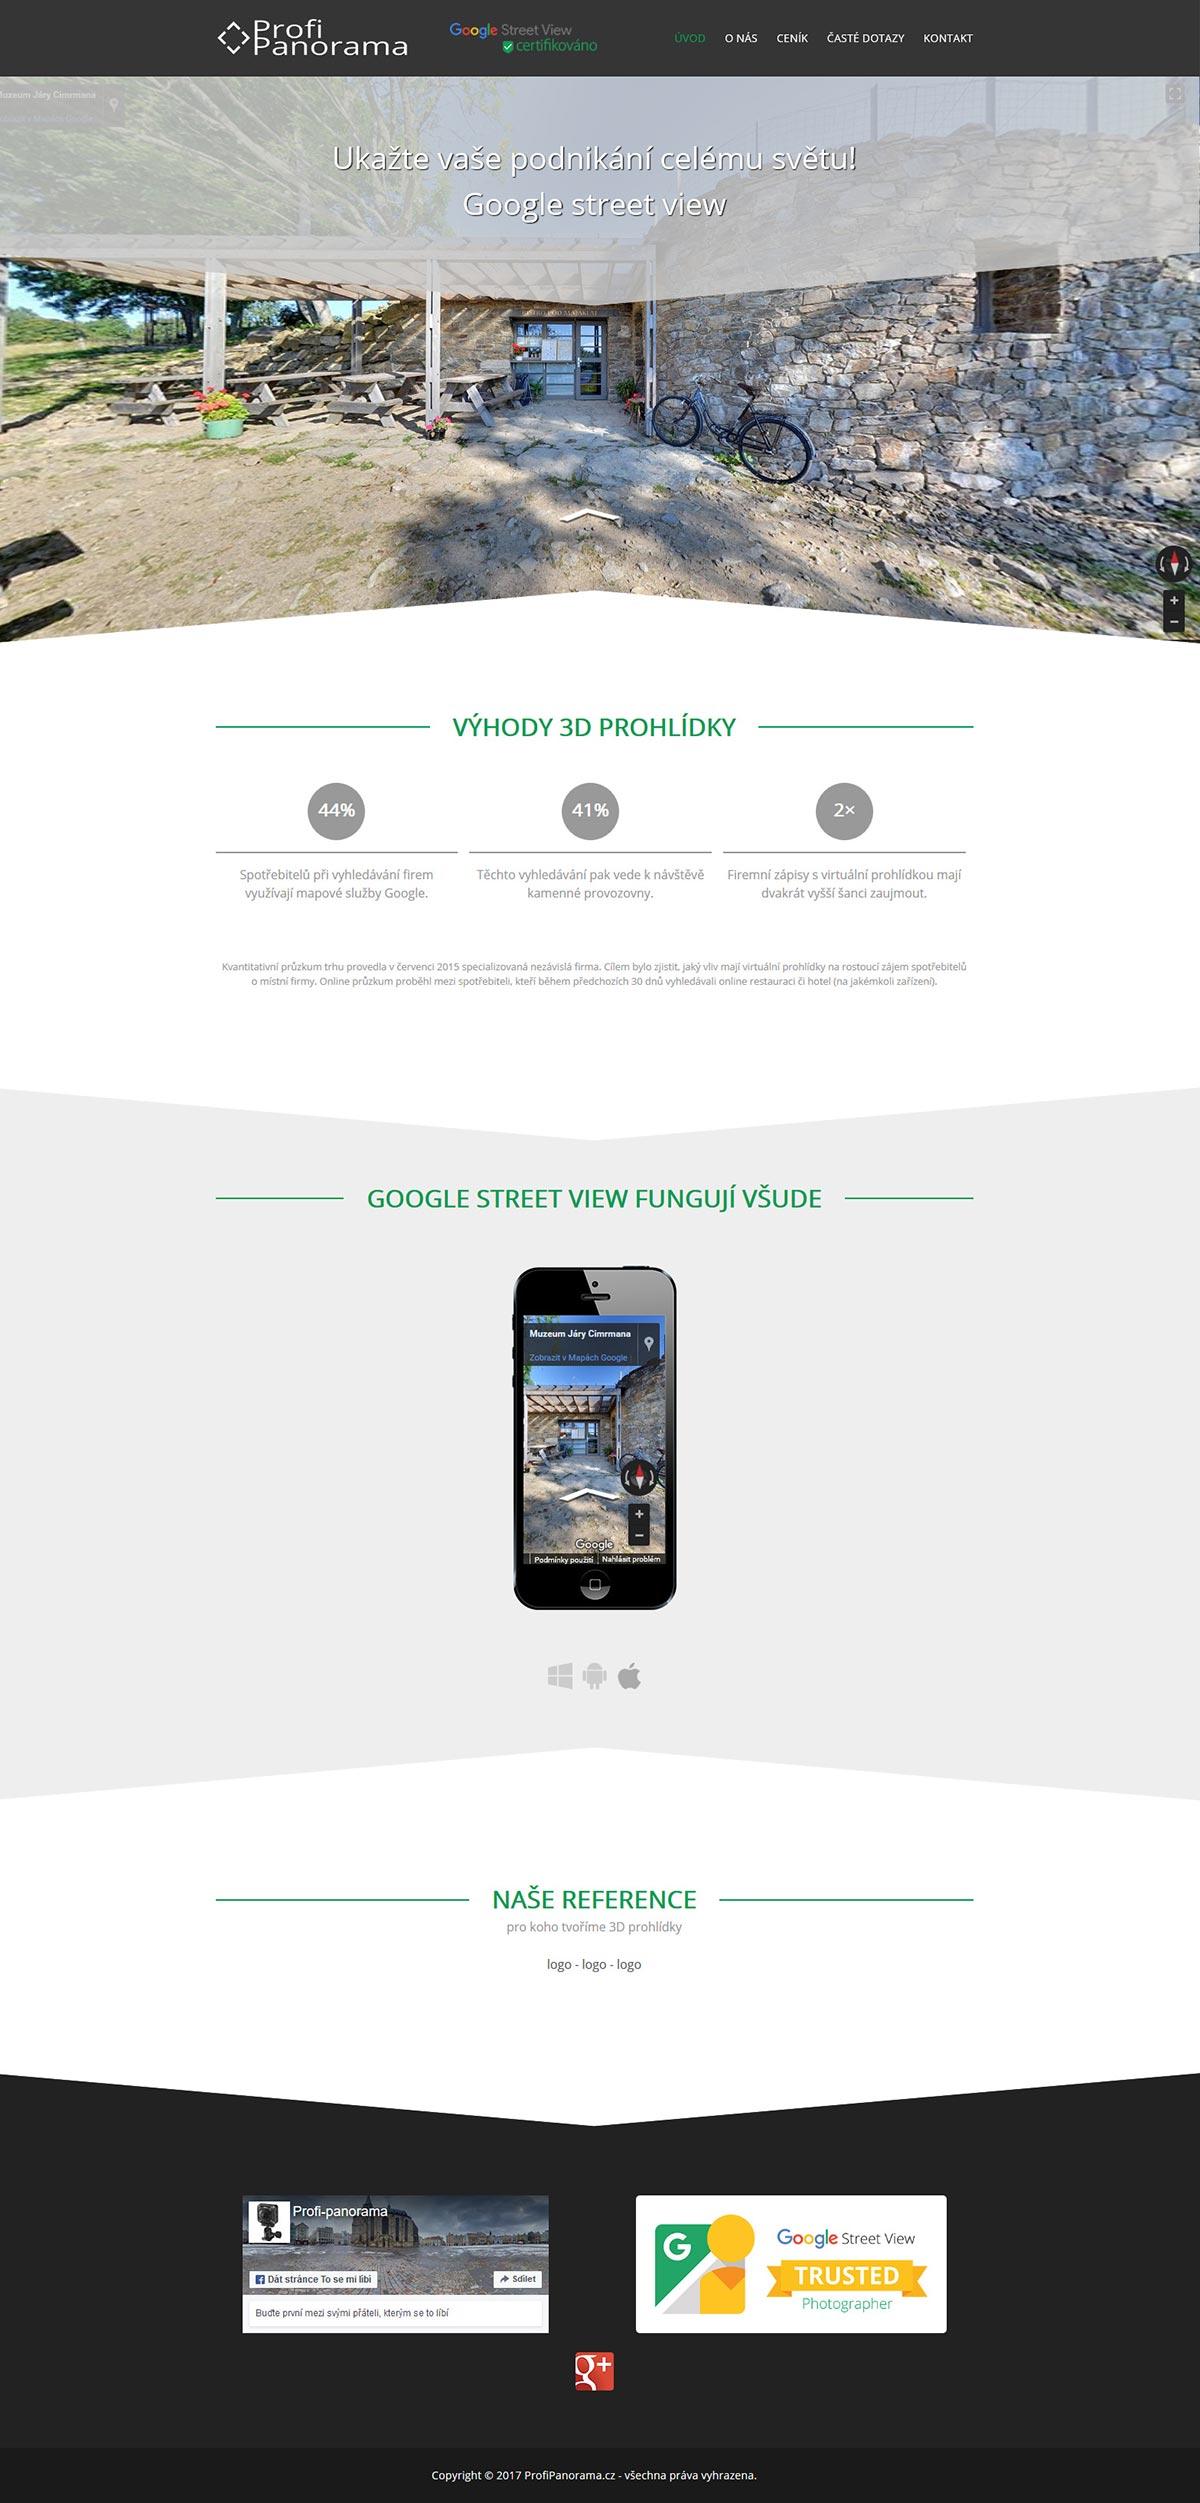 Tvorba webu pro OSVČ nabízející 360° interaktivní fotografie